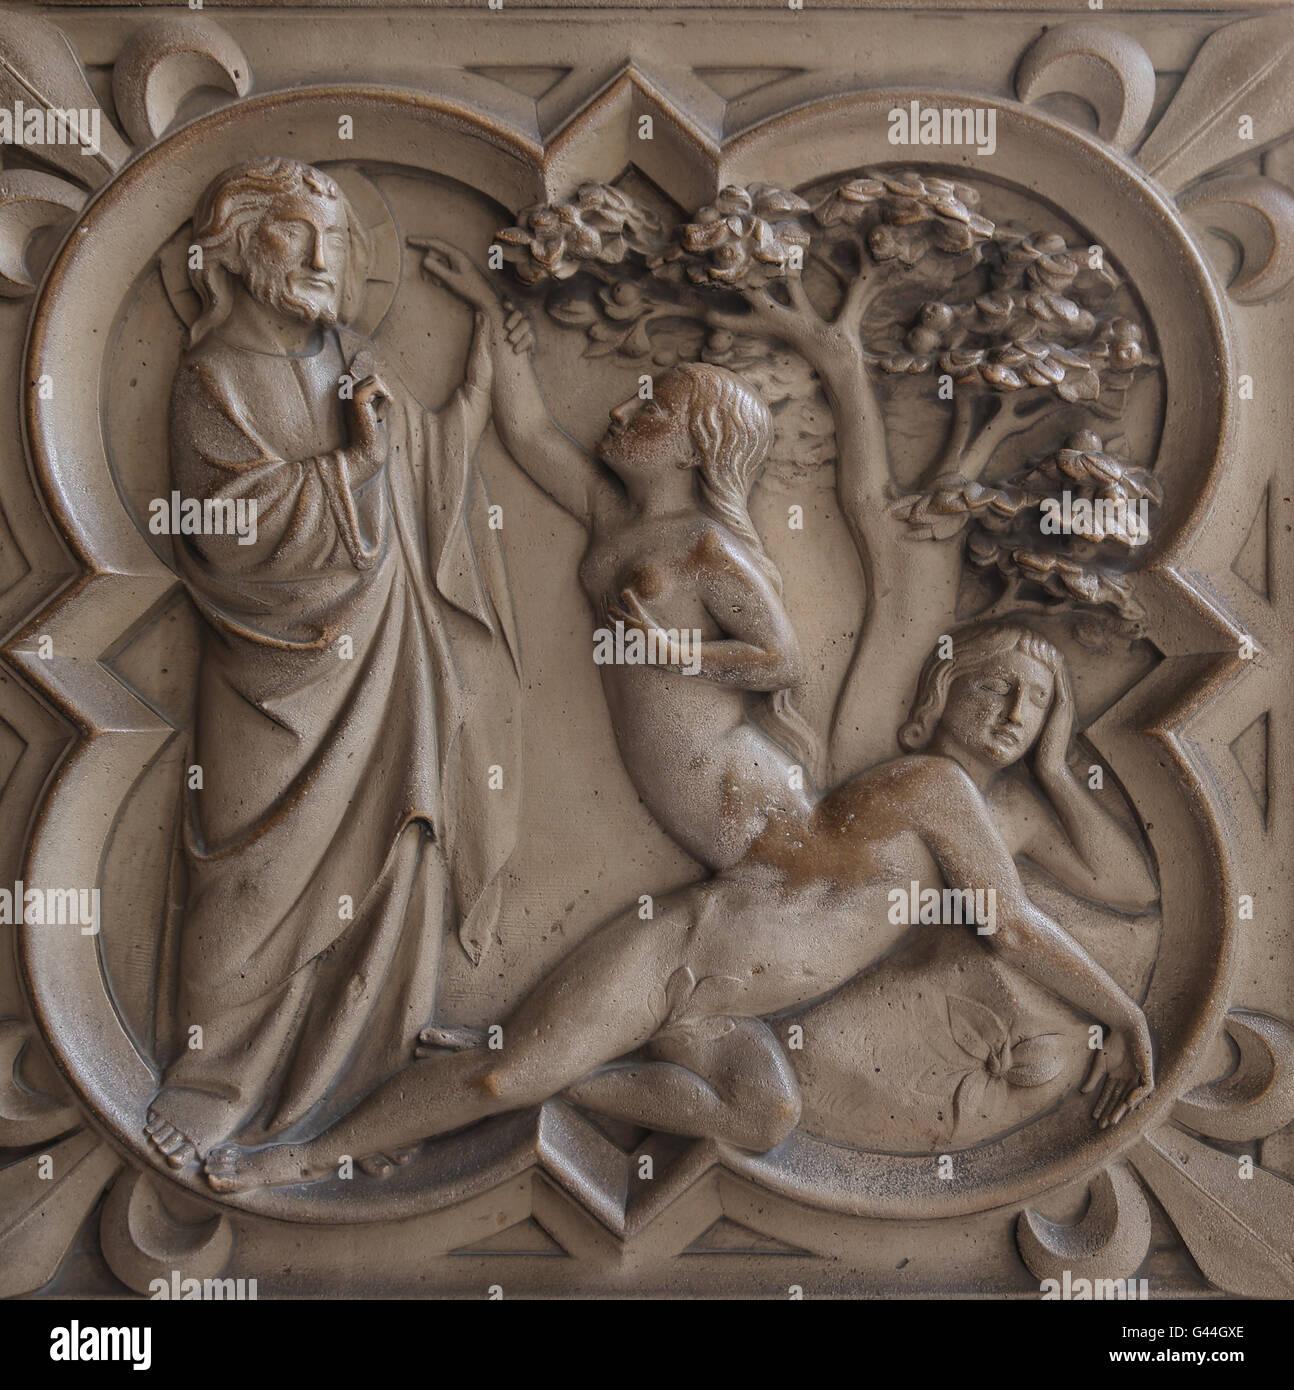 Creation of Eve. Relief. Genesis. 13th c. La Sainte-Chapelle, Paris, France. - Stock Image